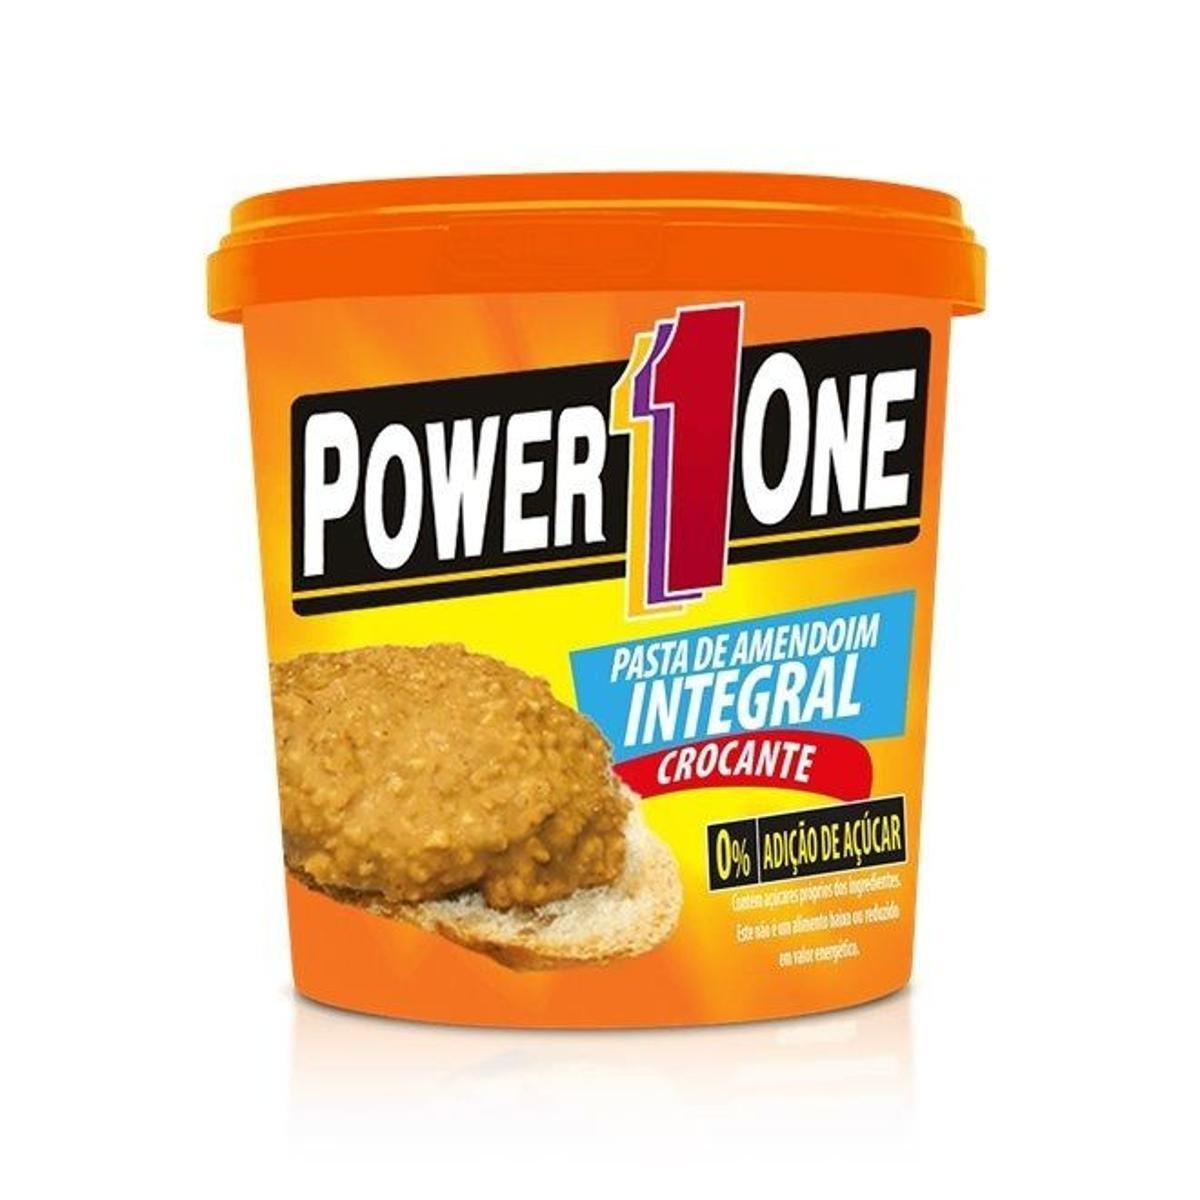 Pasta de Amendoim Integral Crocante (1,005kg) - Power1One